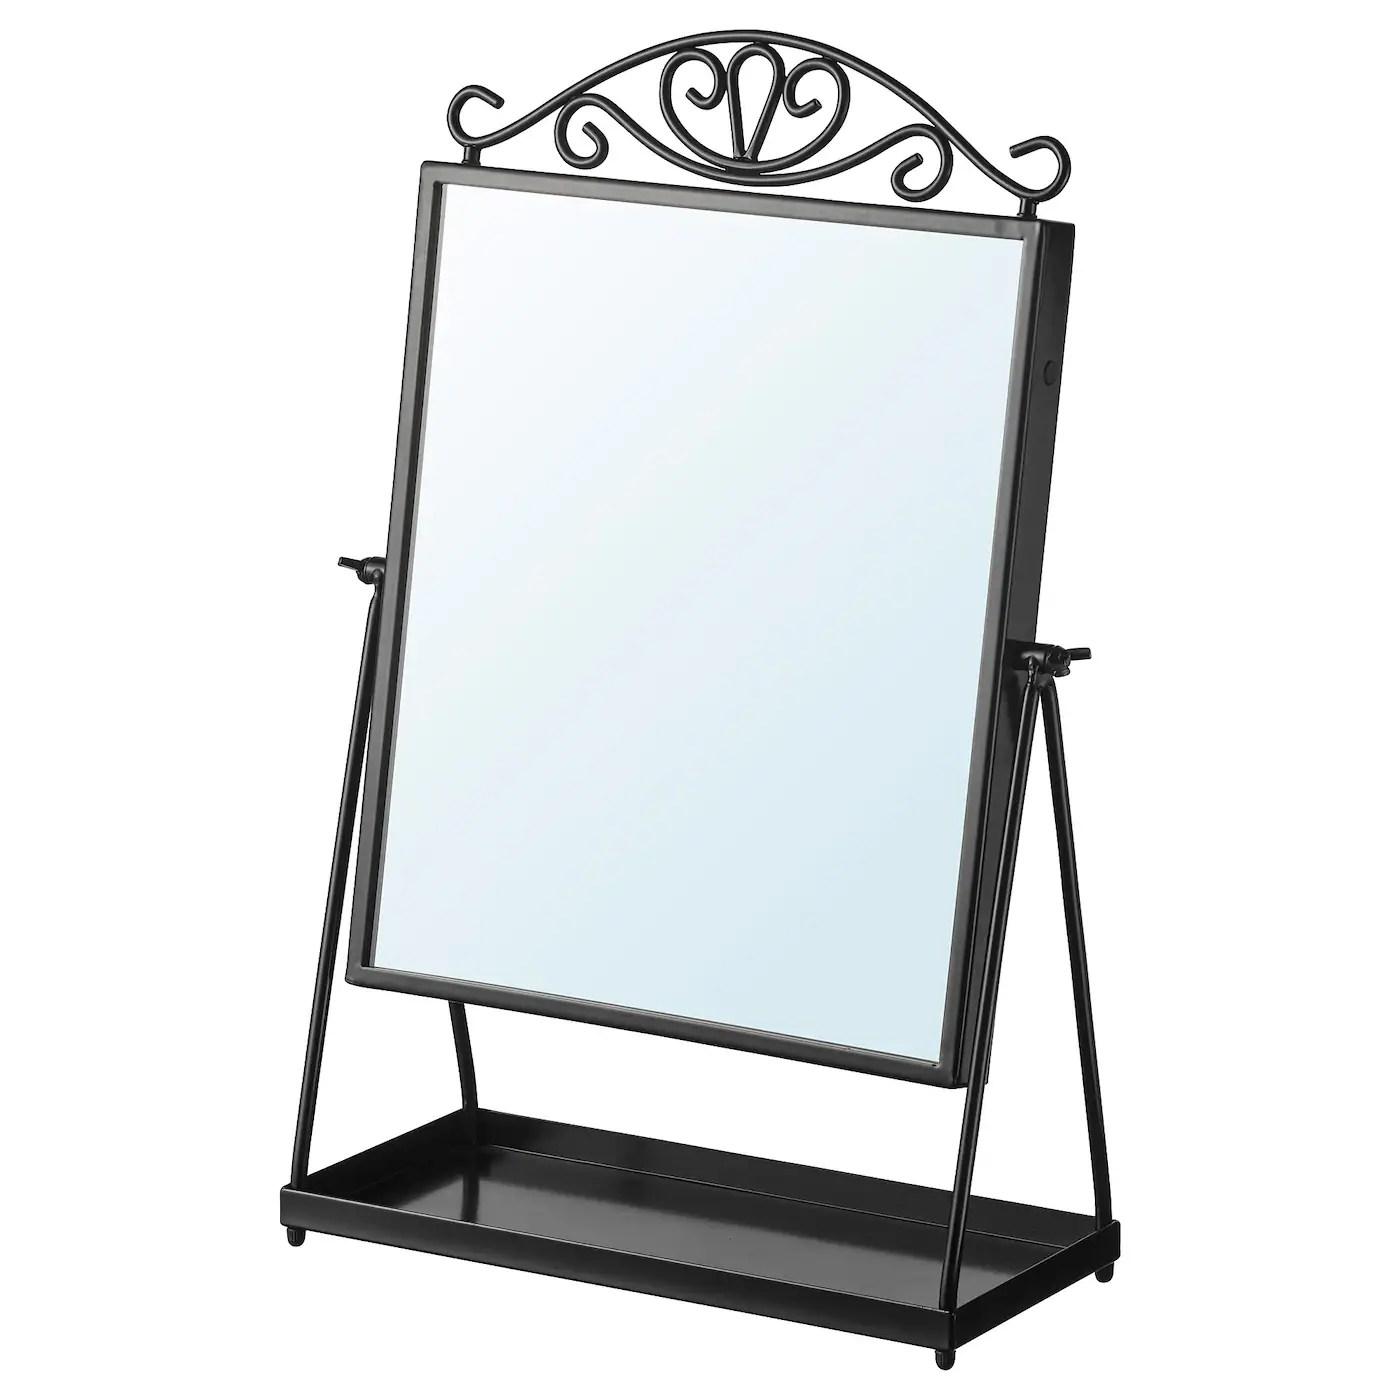 Karmsund Miroir De Table Noir 27x43 Cm Ikea Suisse